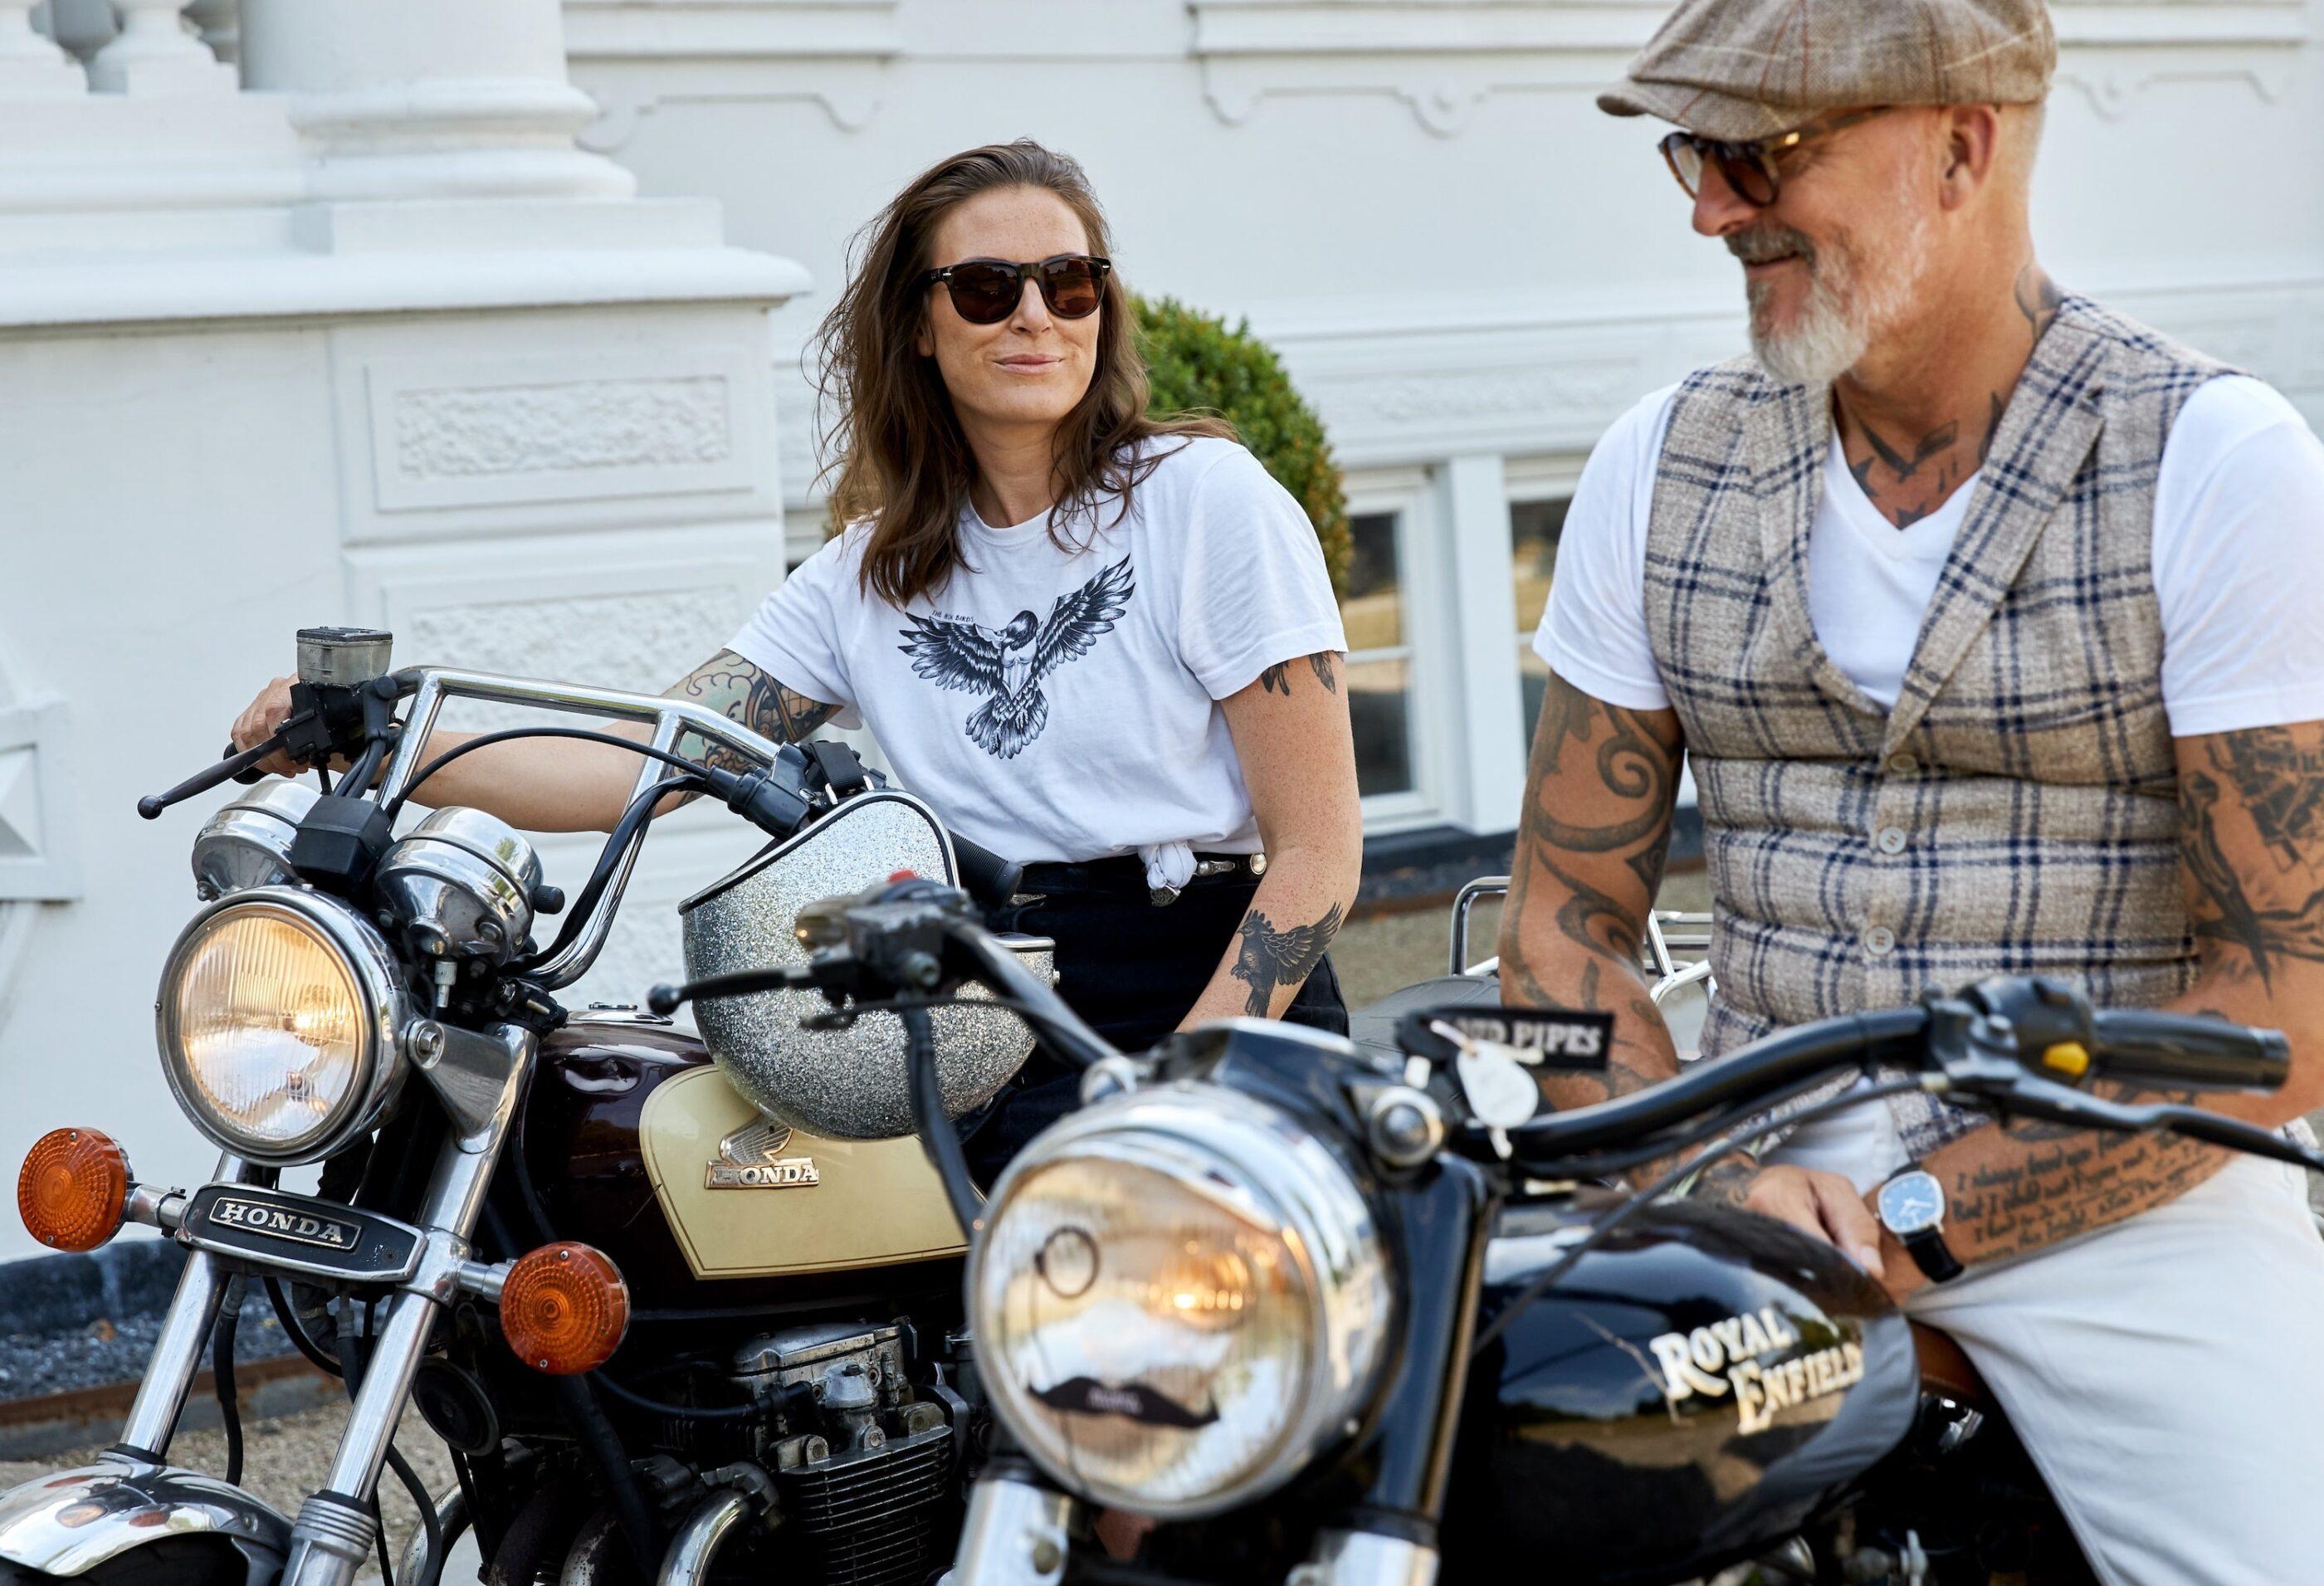 En mand og en kvinde med store tatoveringer sidder på motorcykler og smiler